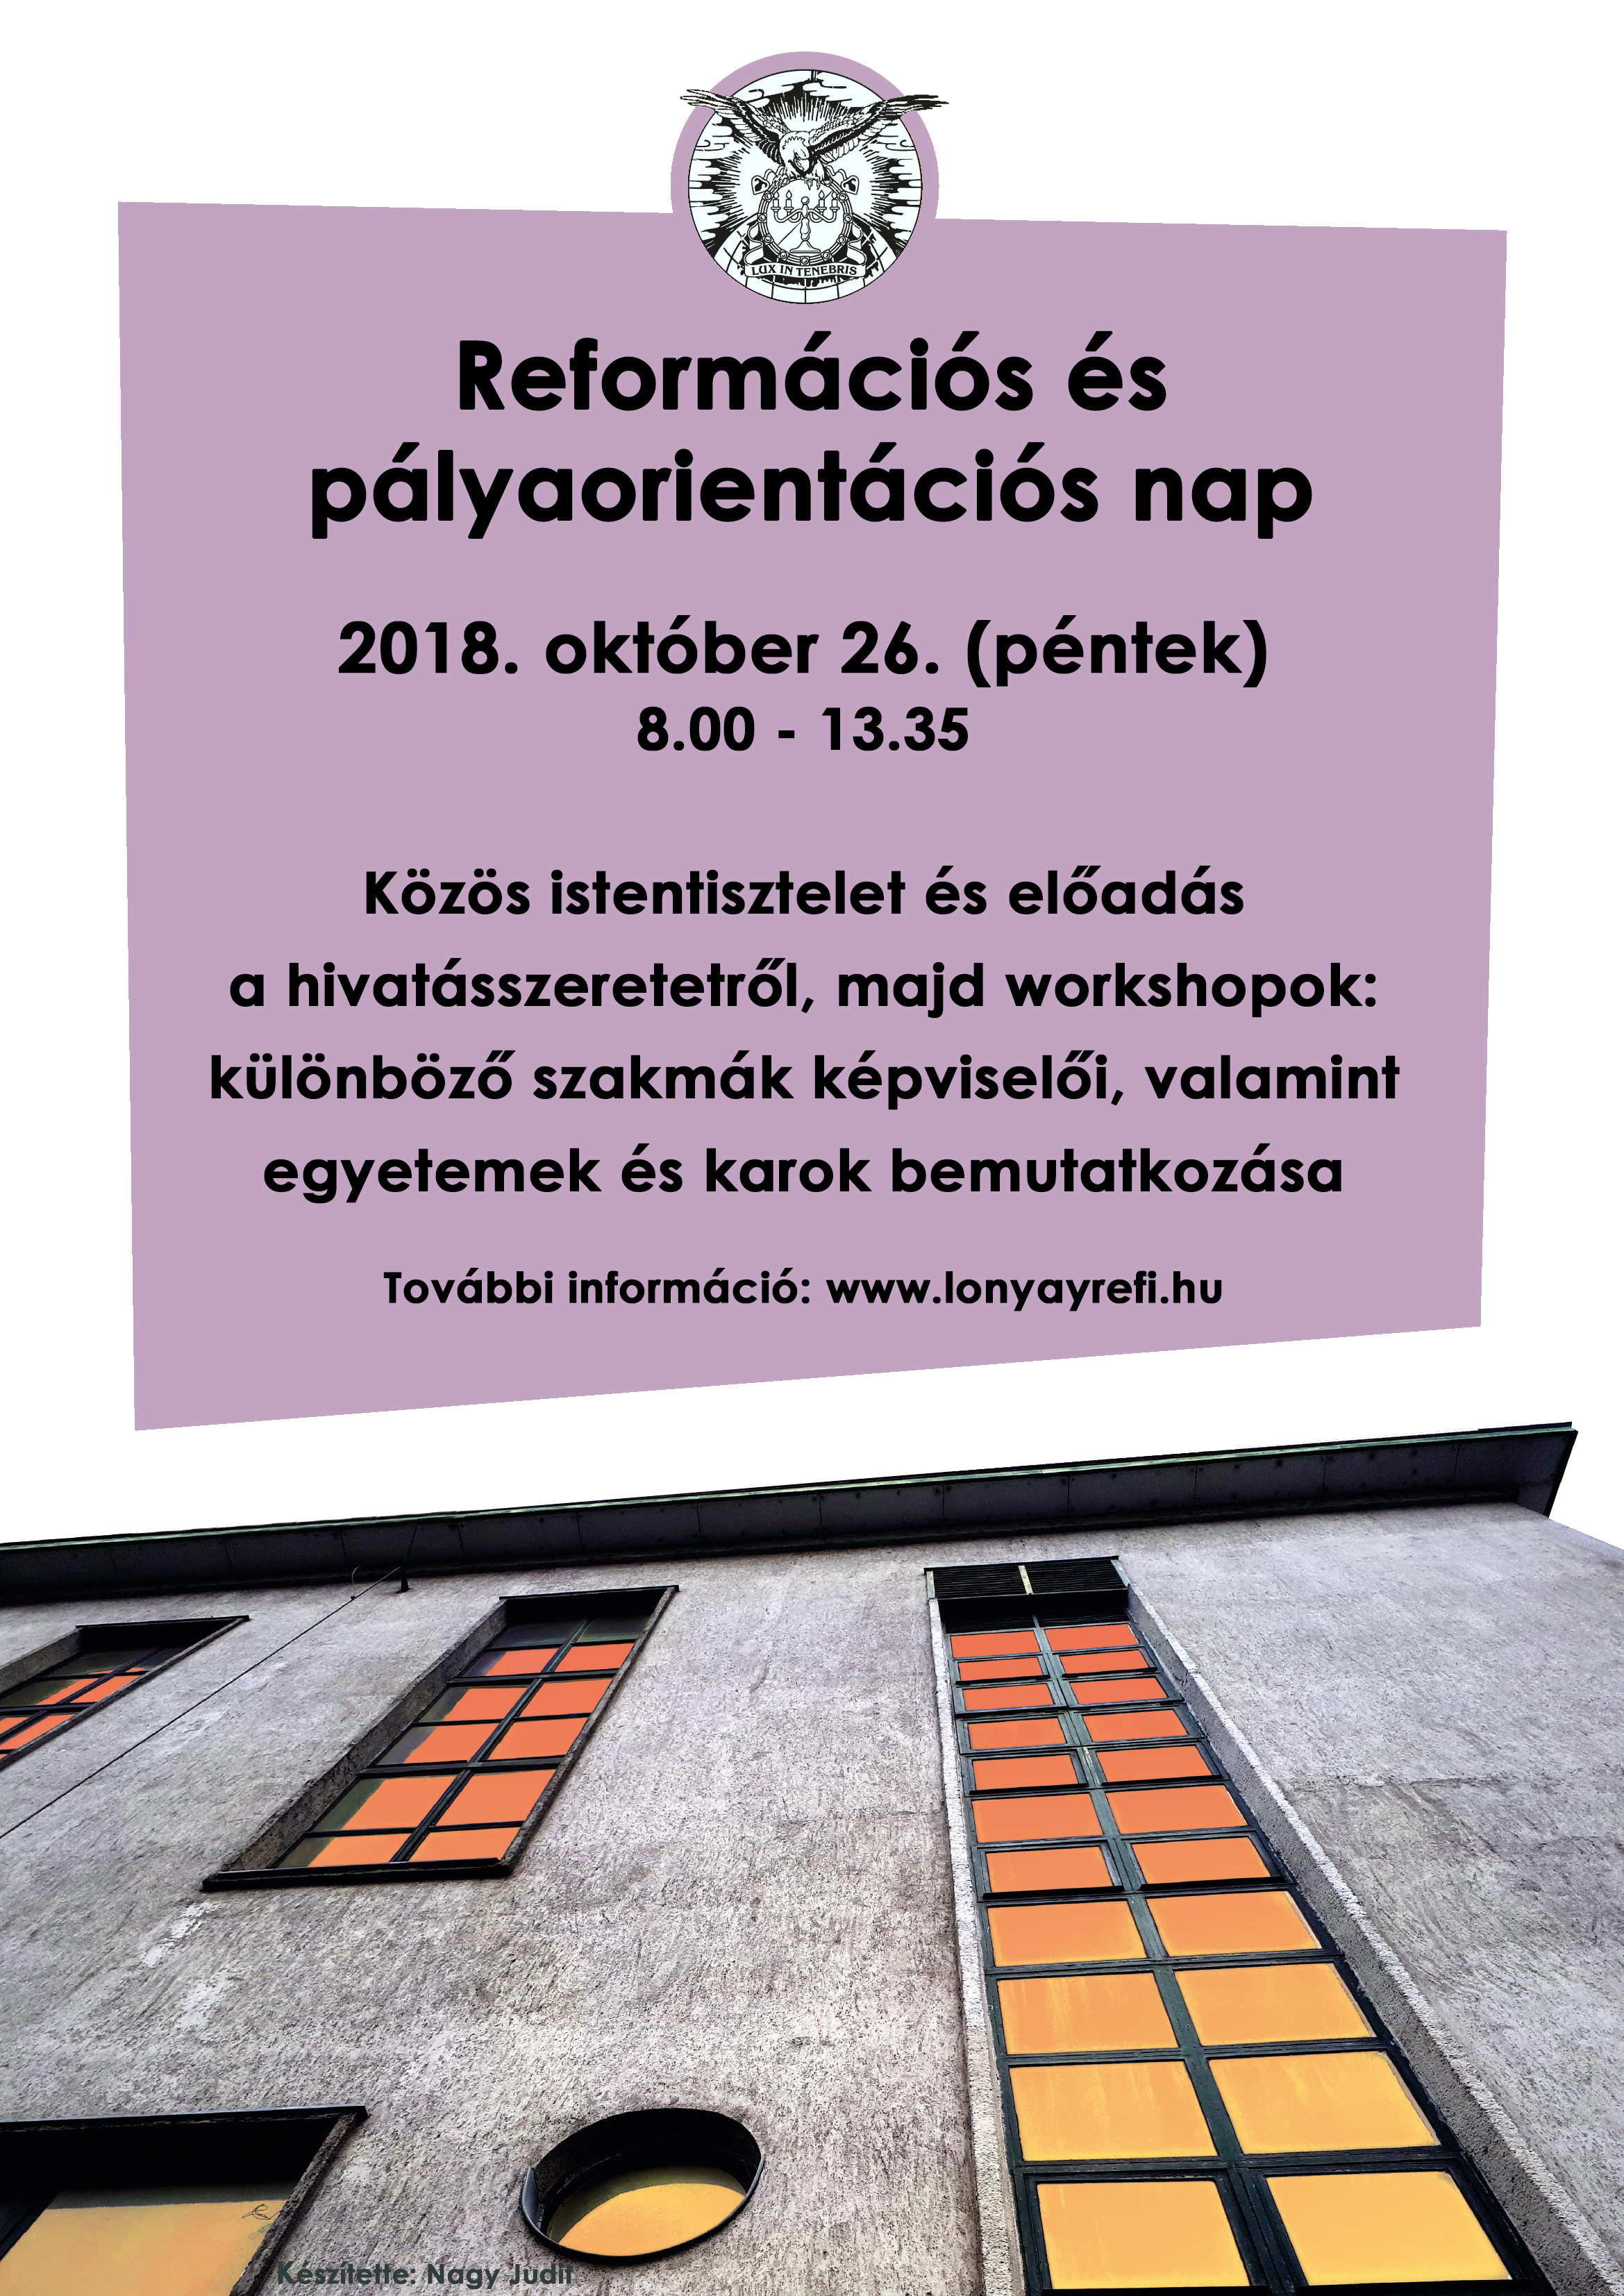 Reformációs és pályaorientációs nap